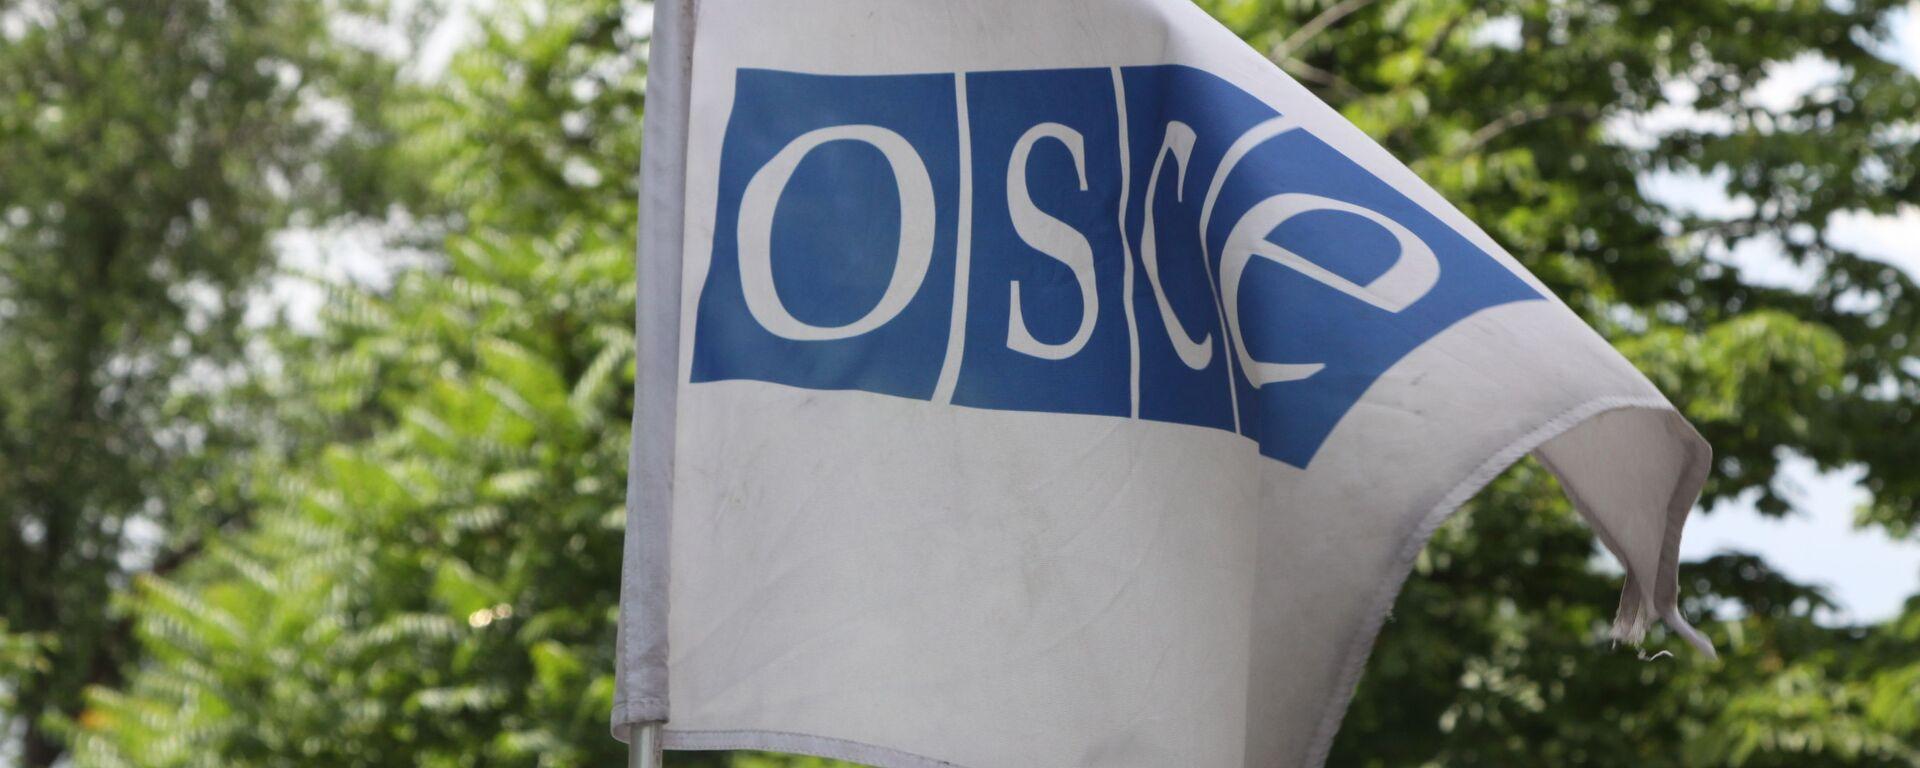 OEBS: Spremni smo da pomognemo Belorusiji, specijalna sednica u petak - Sputnik Srbija, 1920, 04.08.2021